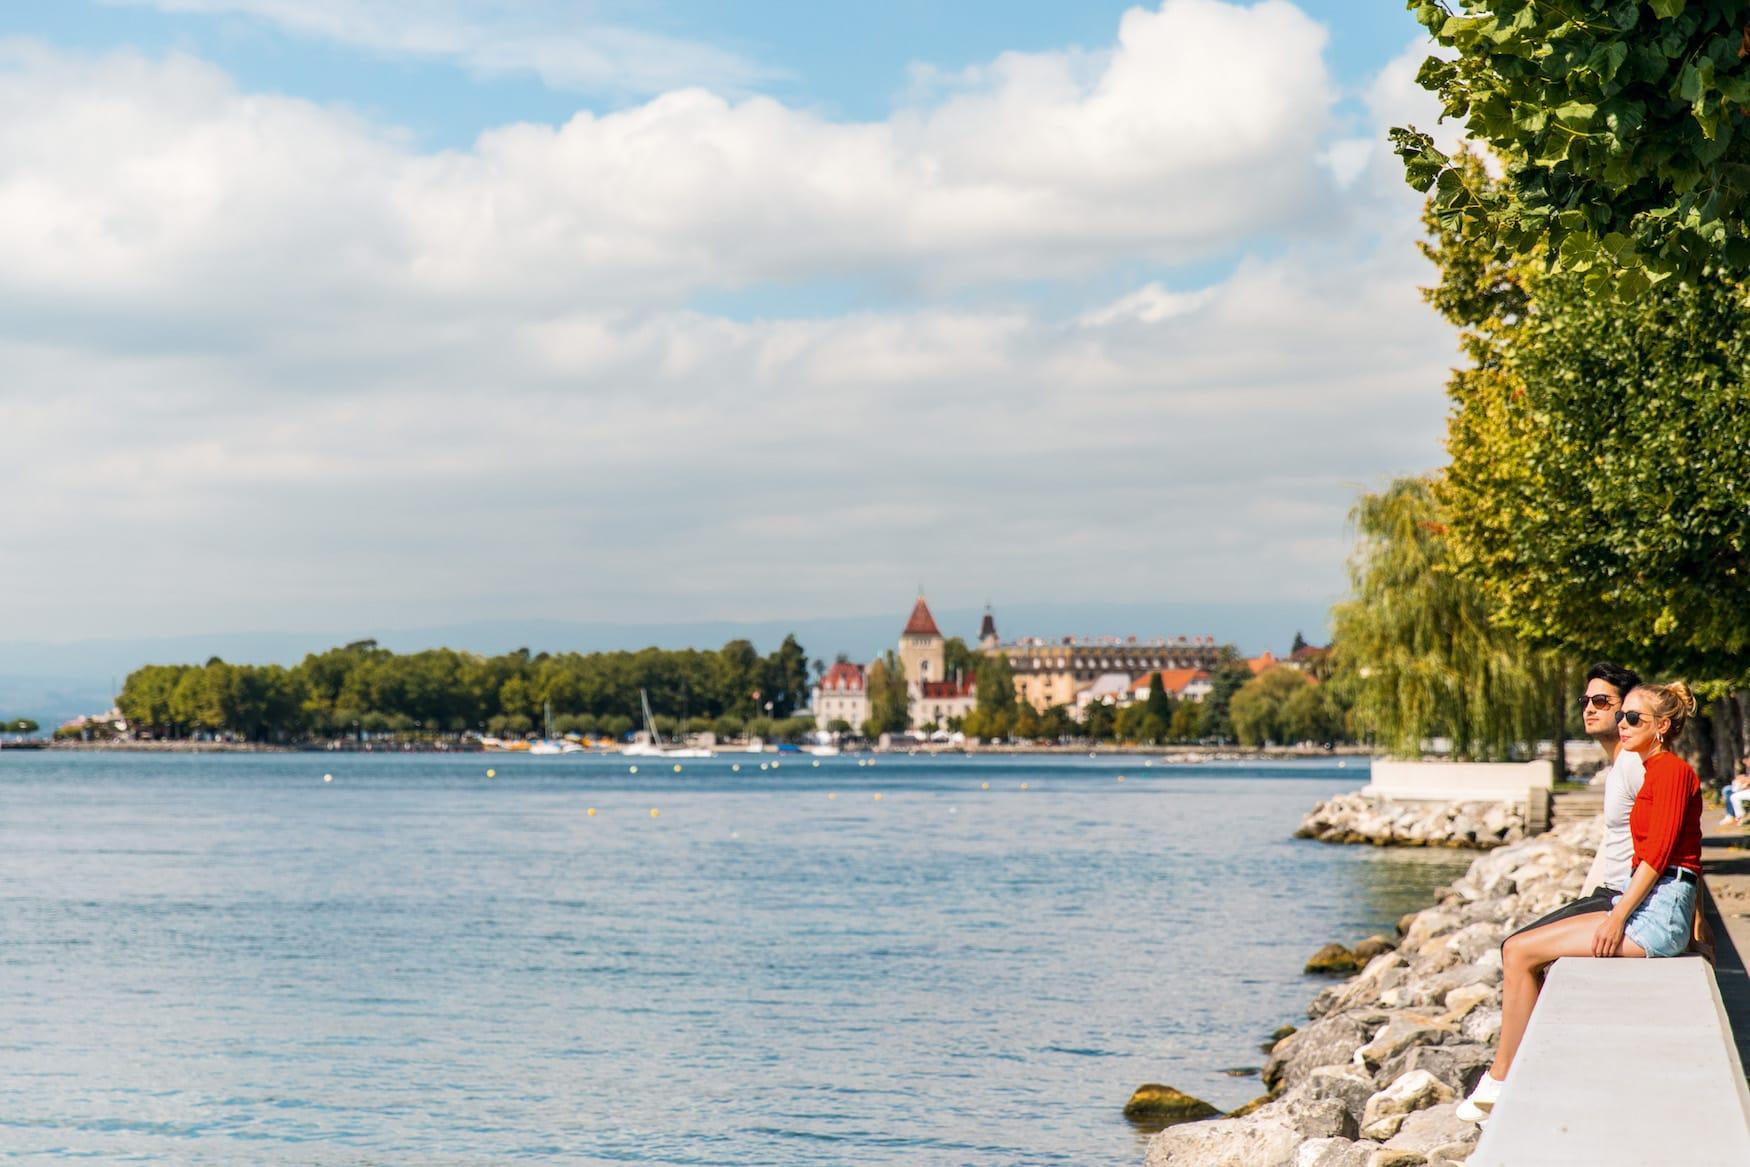 Junges Paar sitzt am Quai d'Ouchy Ufer, Lausanne, Schweiz.